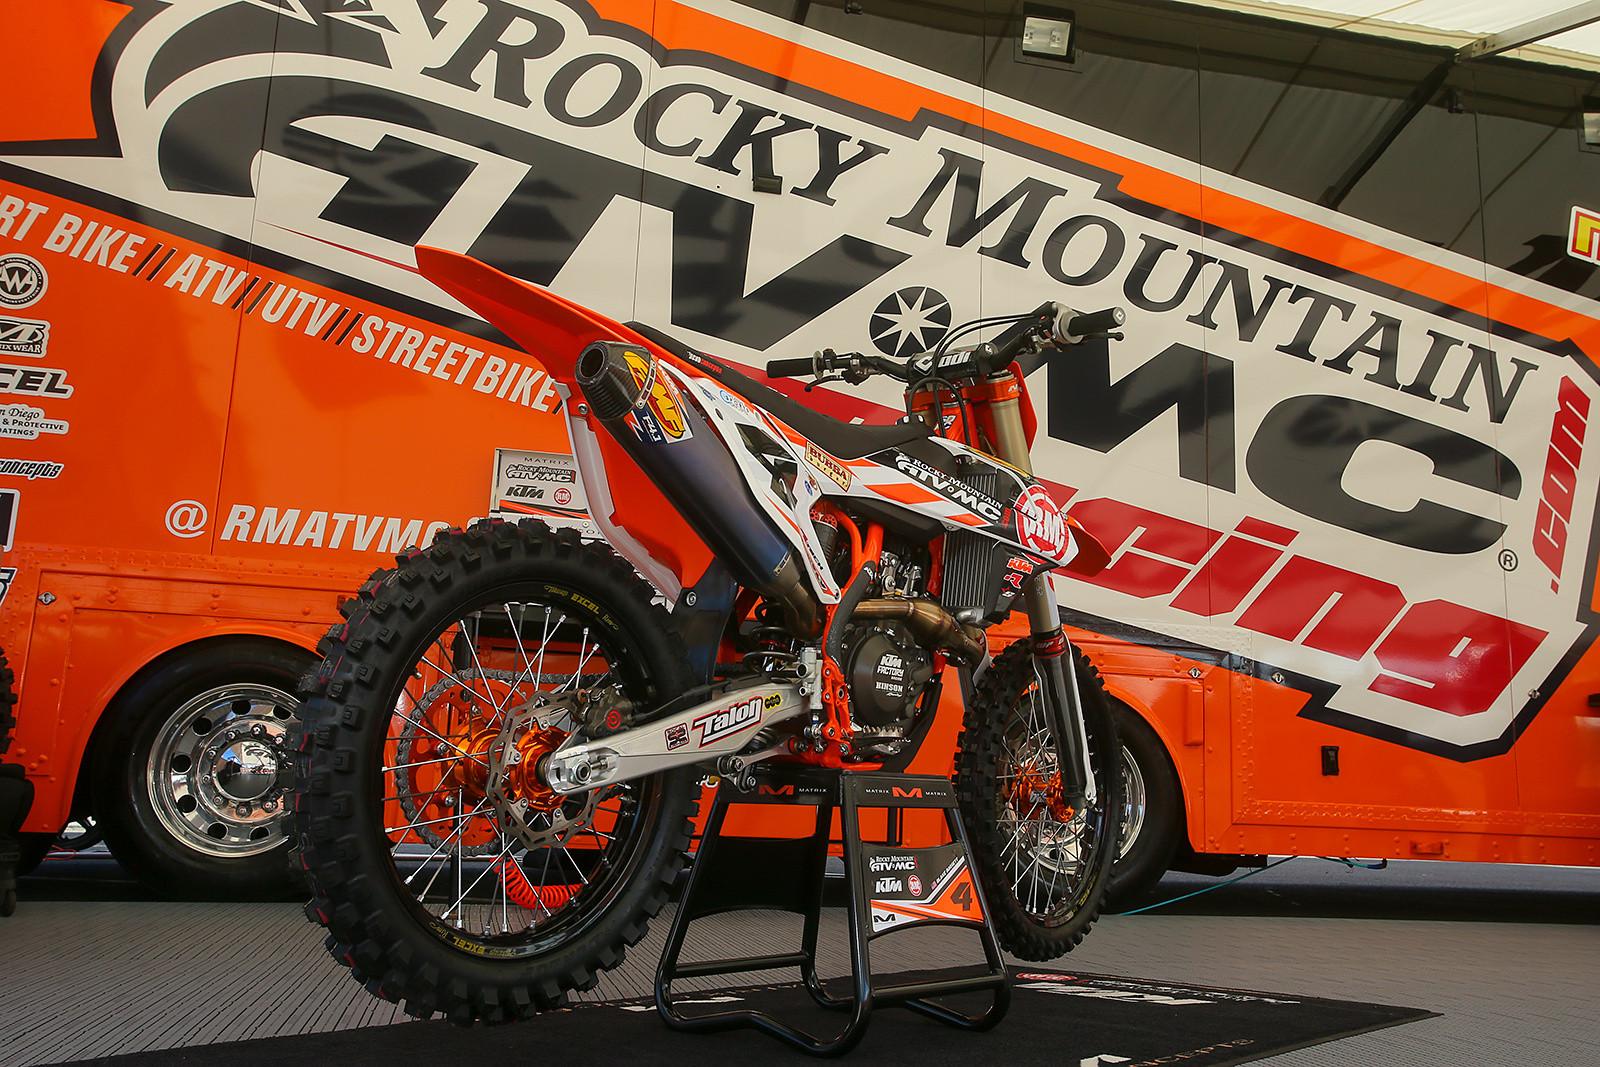 Blake Baggett - Bikes of Supercross 2017 - Motocross Pictures - Vital MX